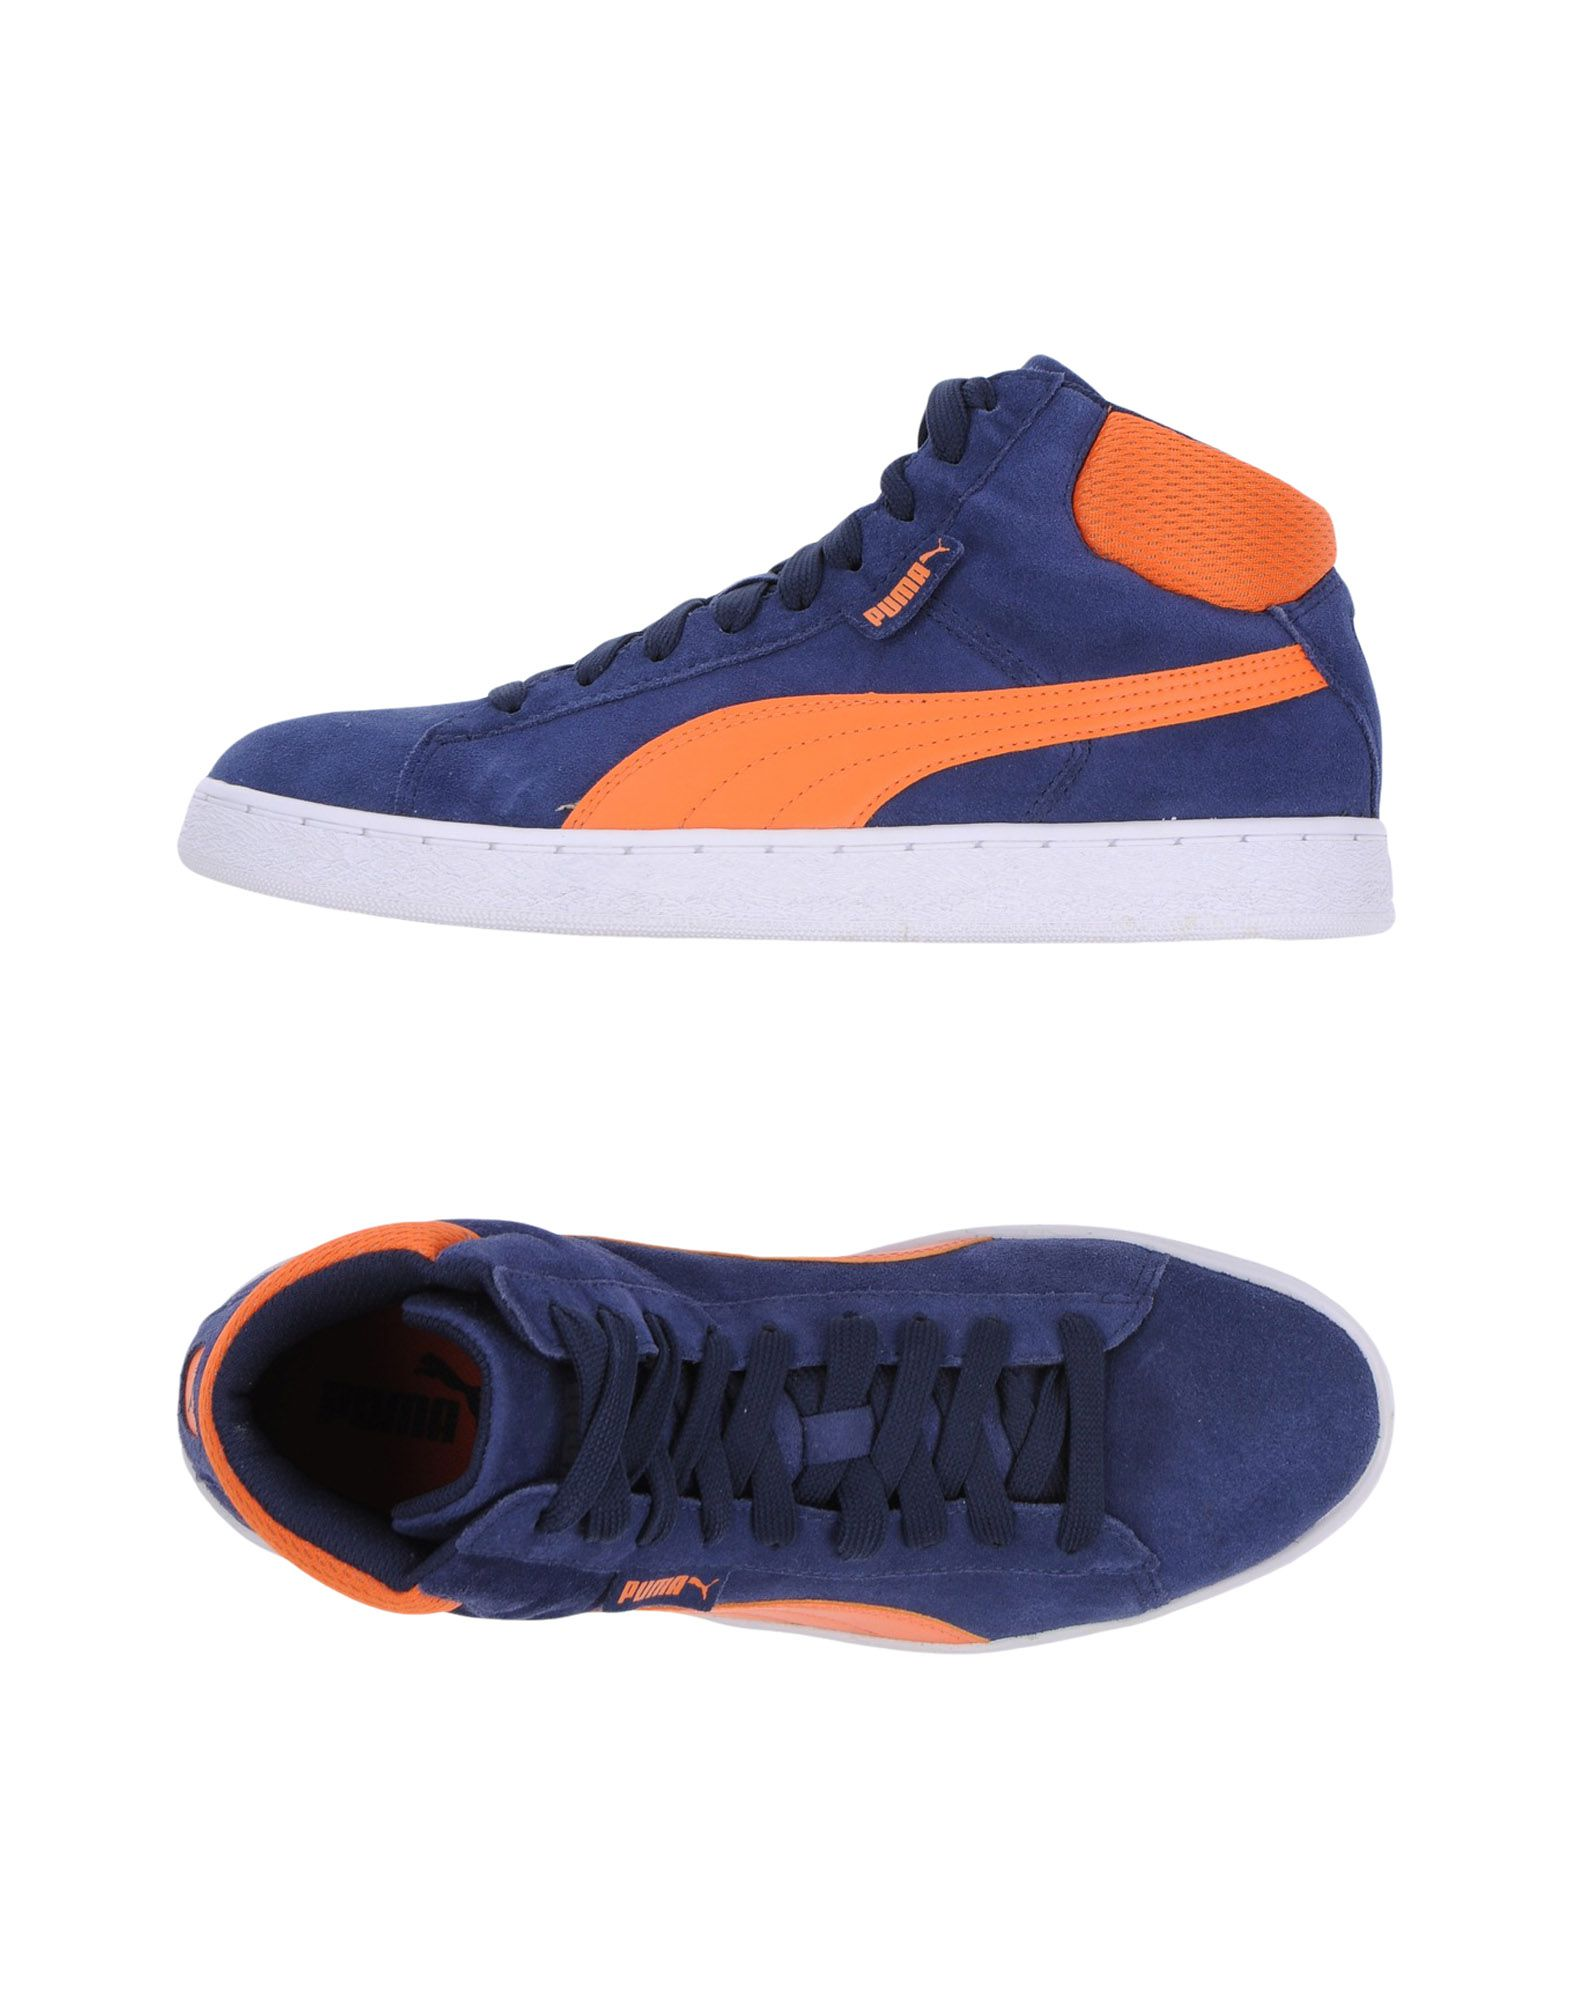 Rabatt Herren echte Schuhe Puma Sneakers Herren Rabatt  11147753DG eb5231